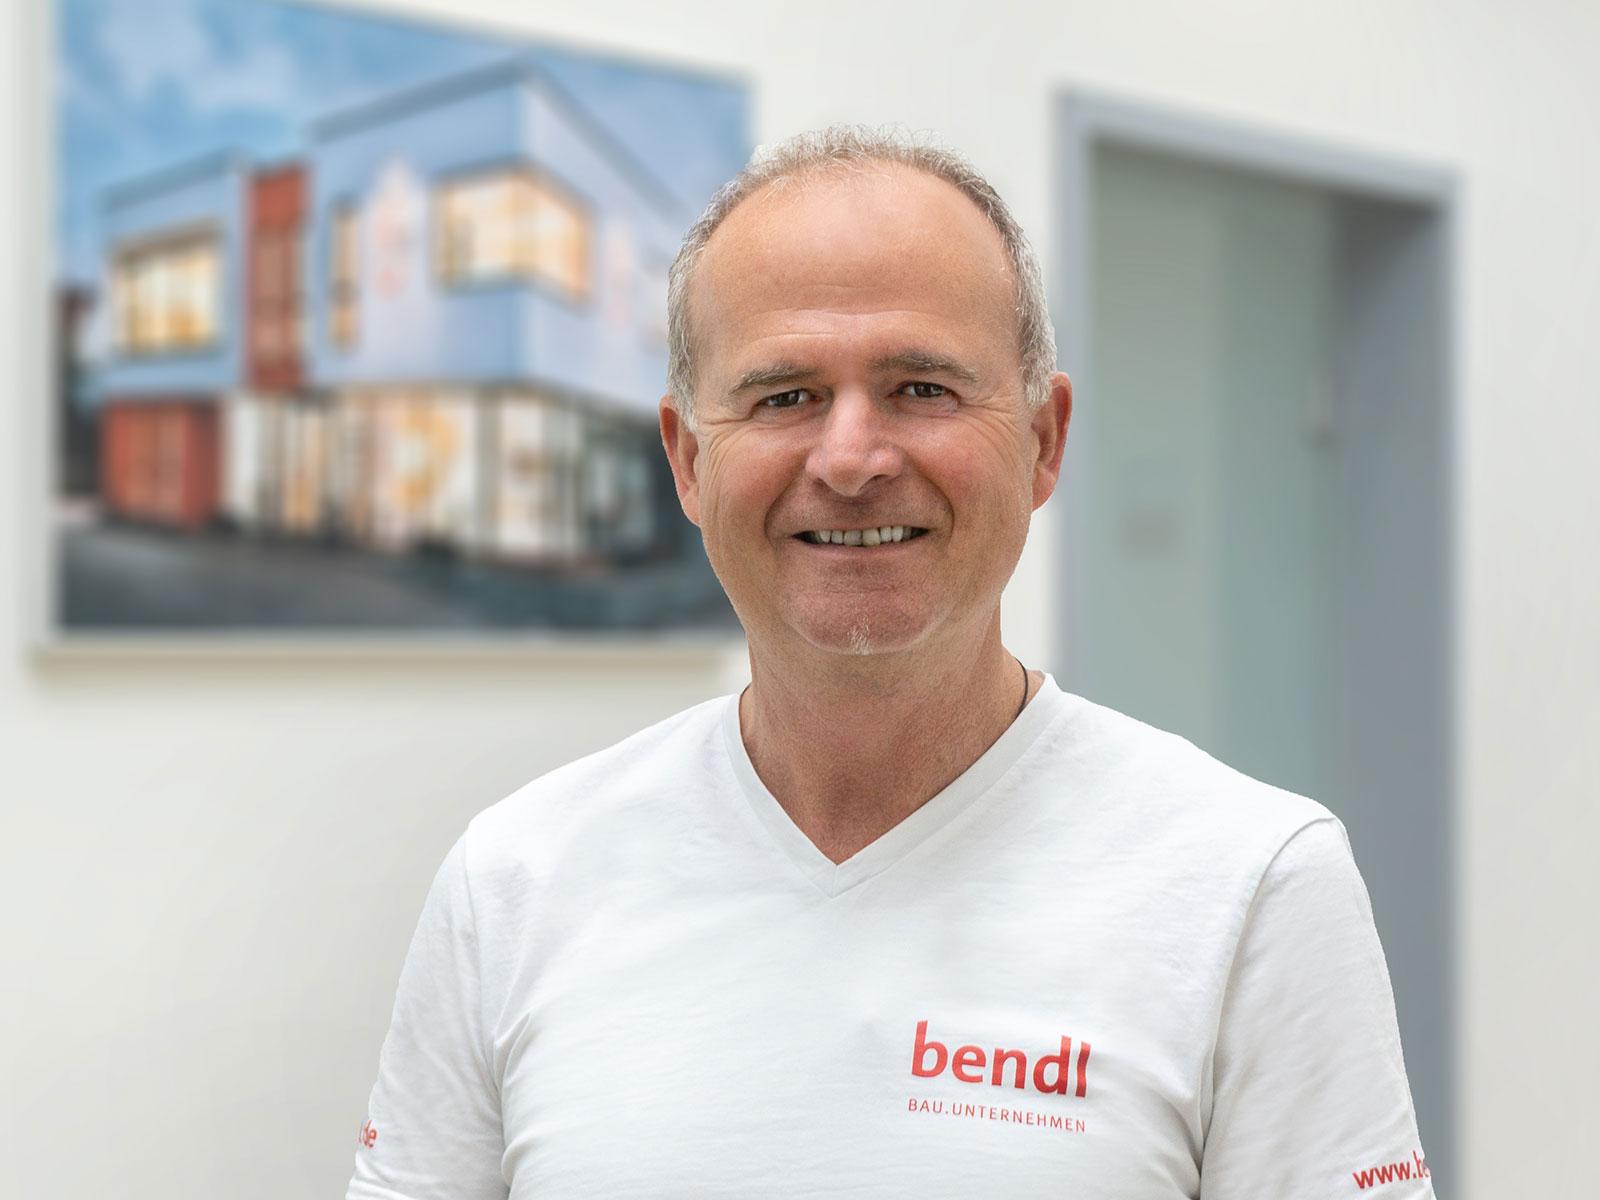 Michael Klingler, Bauleiter Außenanlagen & Tiefbau beim Bauunternehmen bendl